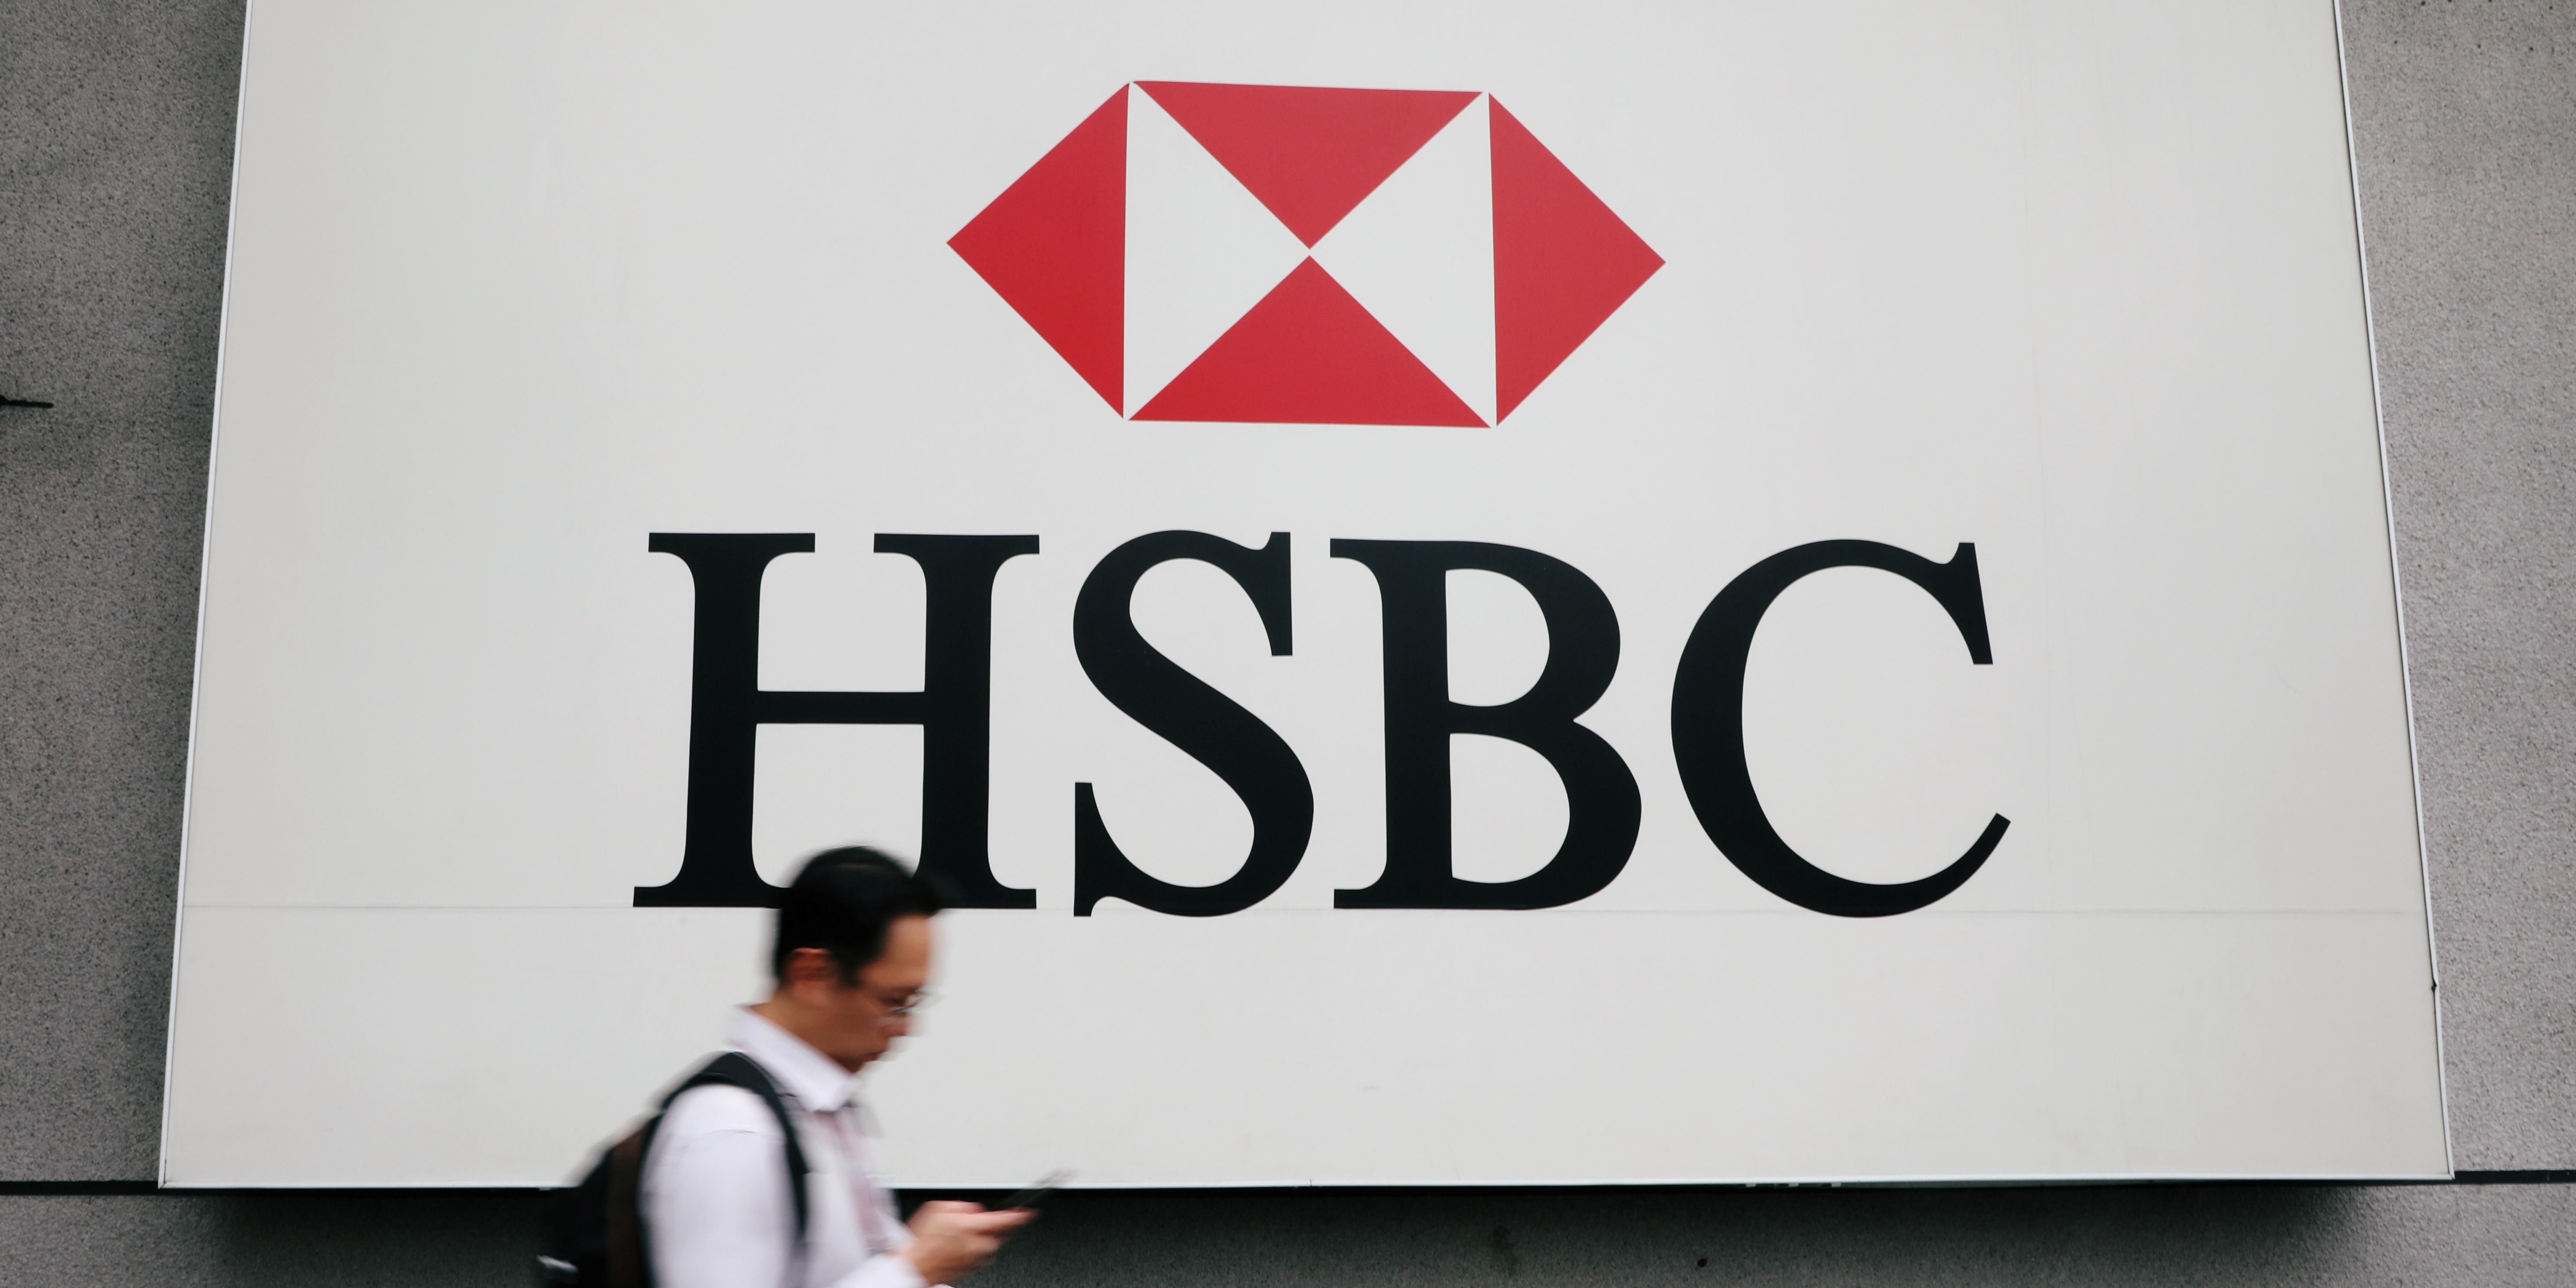 hsbc-va-supprimer-35-000-emplois-pour-tenter-de-se-relancer